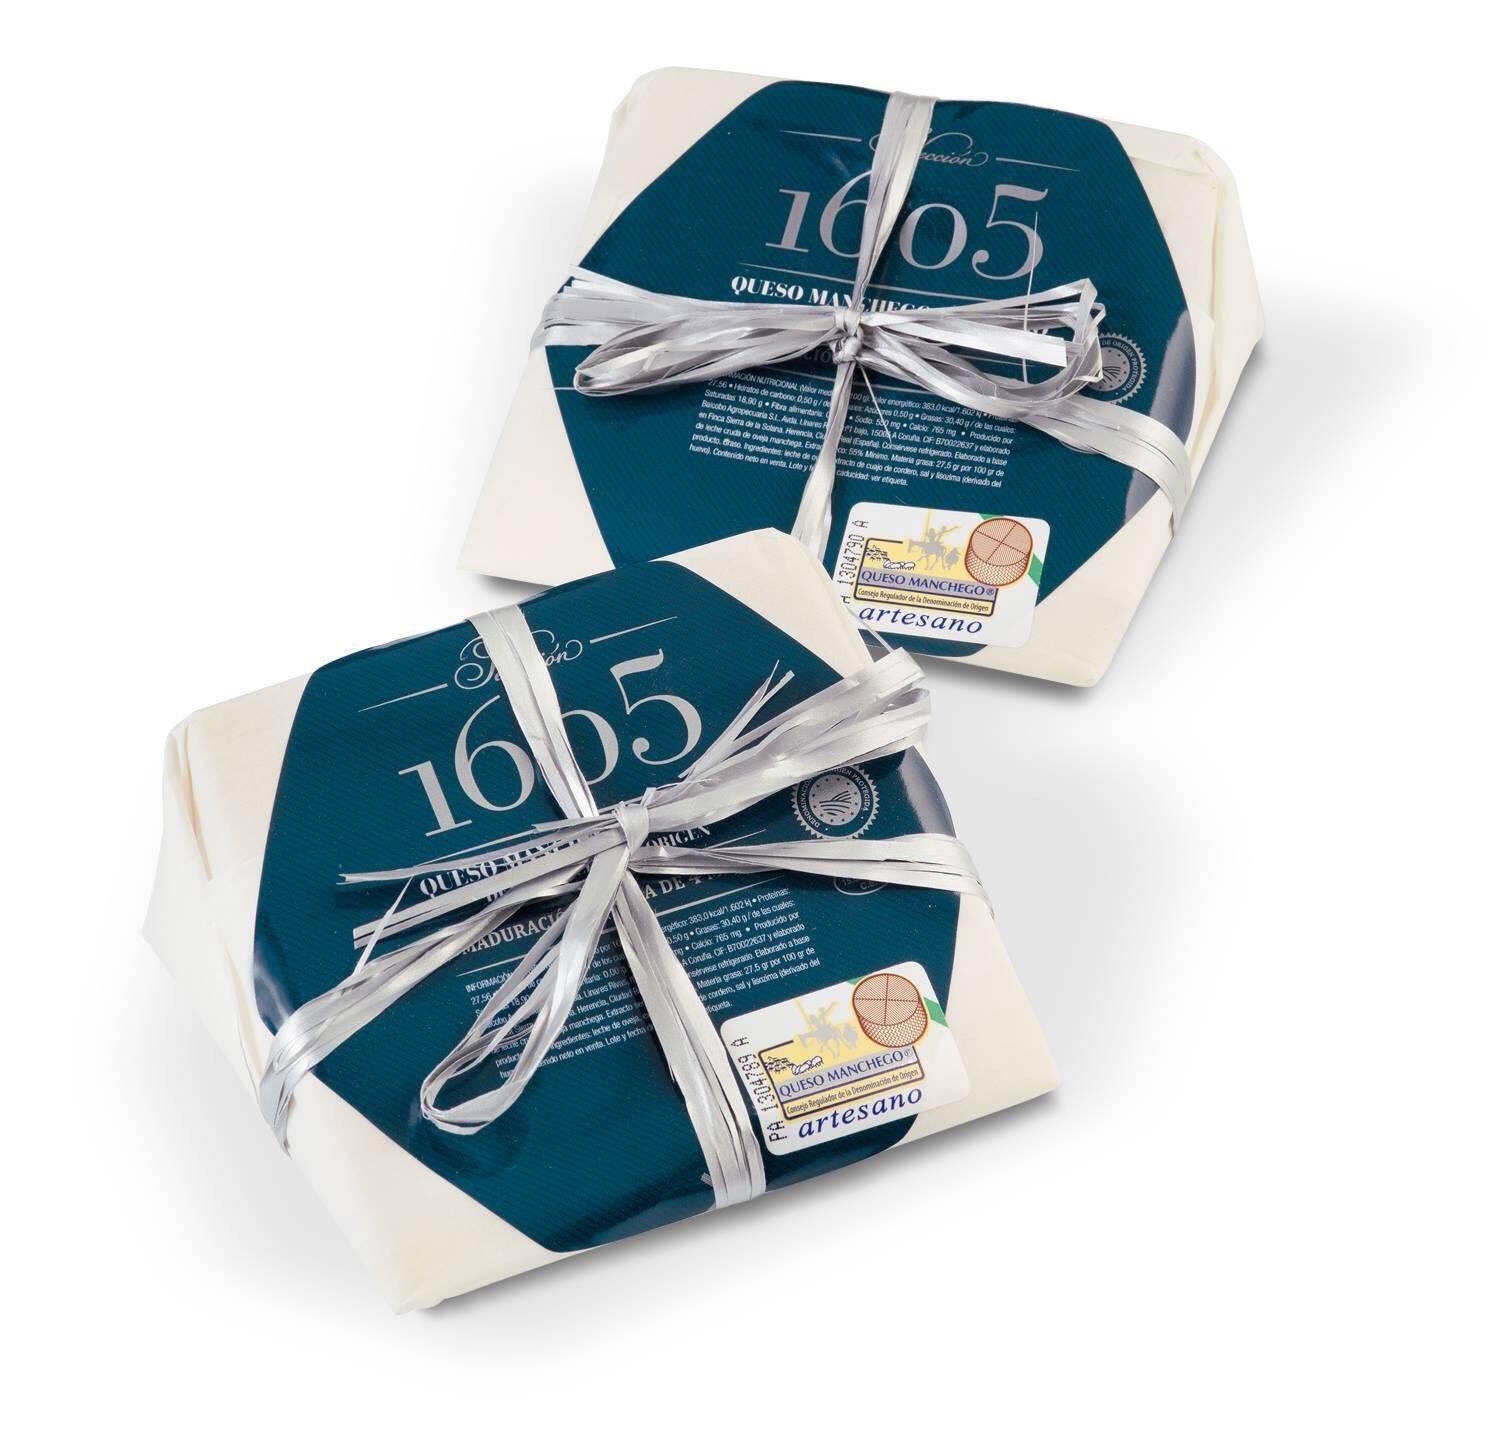 queseria 1605 queso manchego - Quesería 1605 se sitúa en la élite mundial del queso en los World Cheese Awards 2017